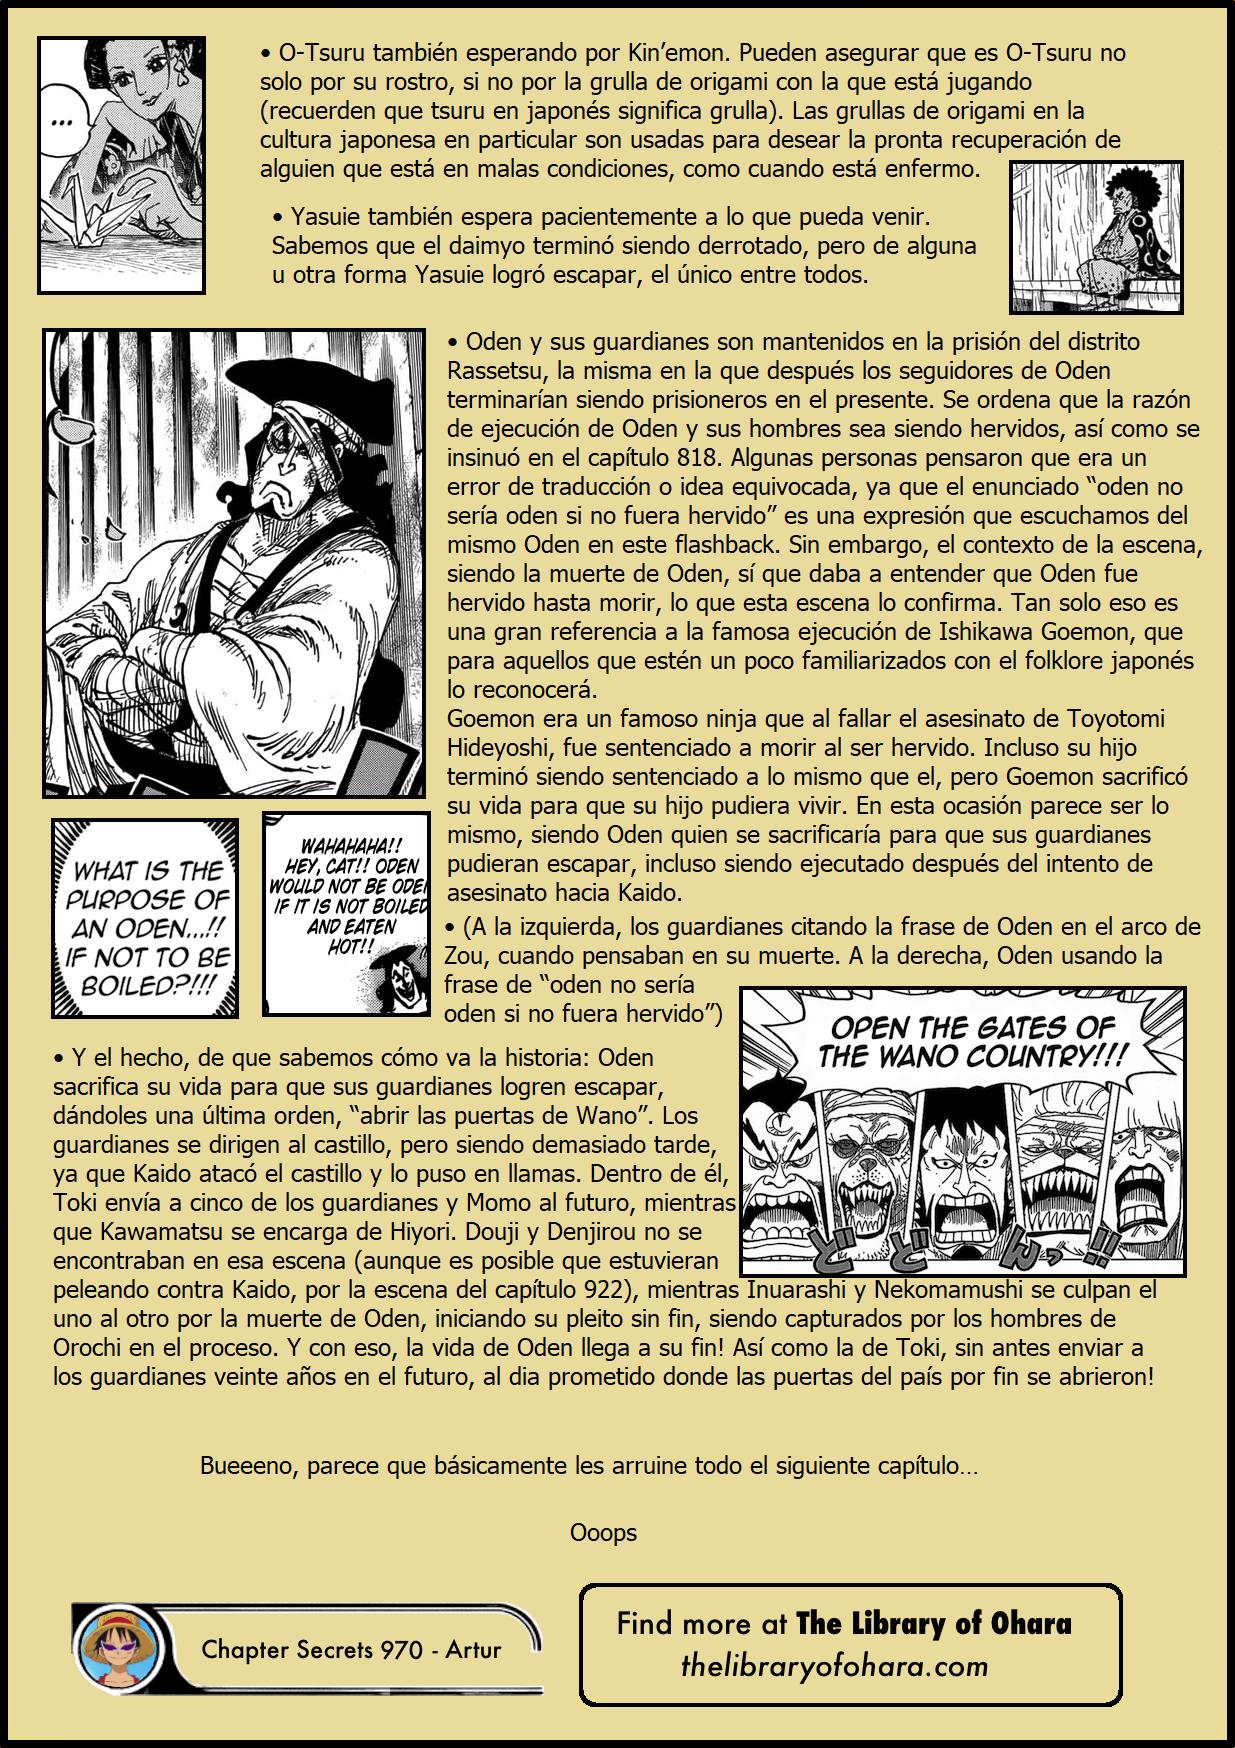 Secretos & Curiosidades - One Piece Manga 970 06